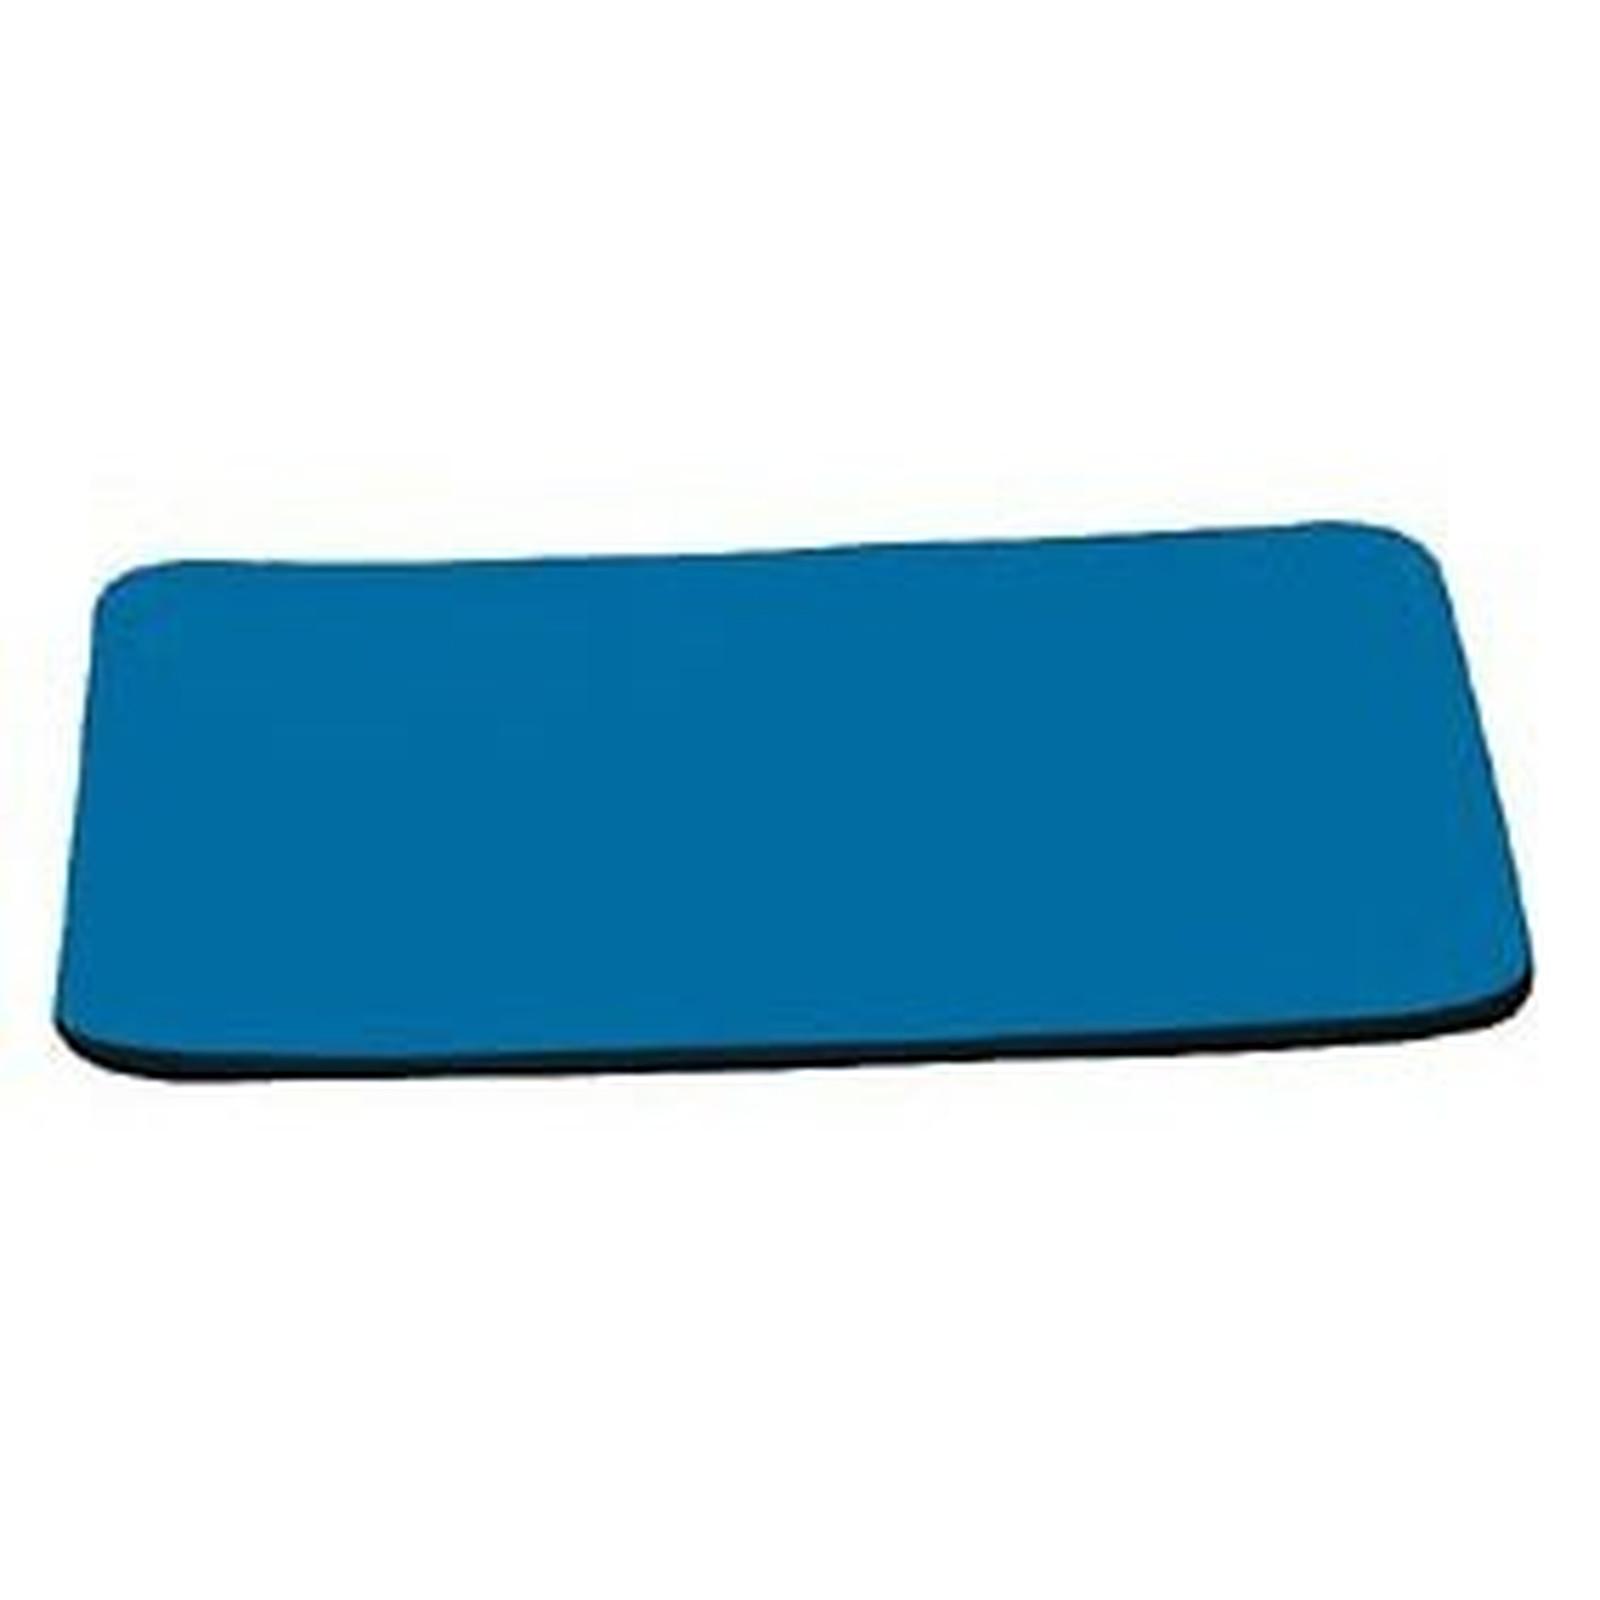 Tapis de souris simple (coloris bleu)